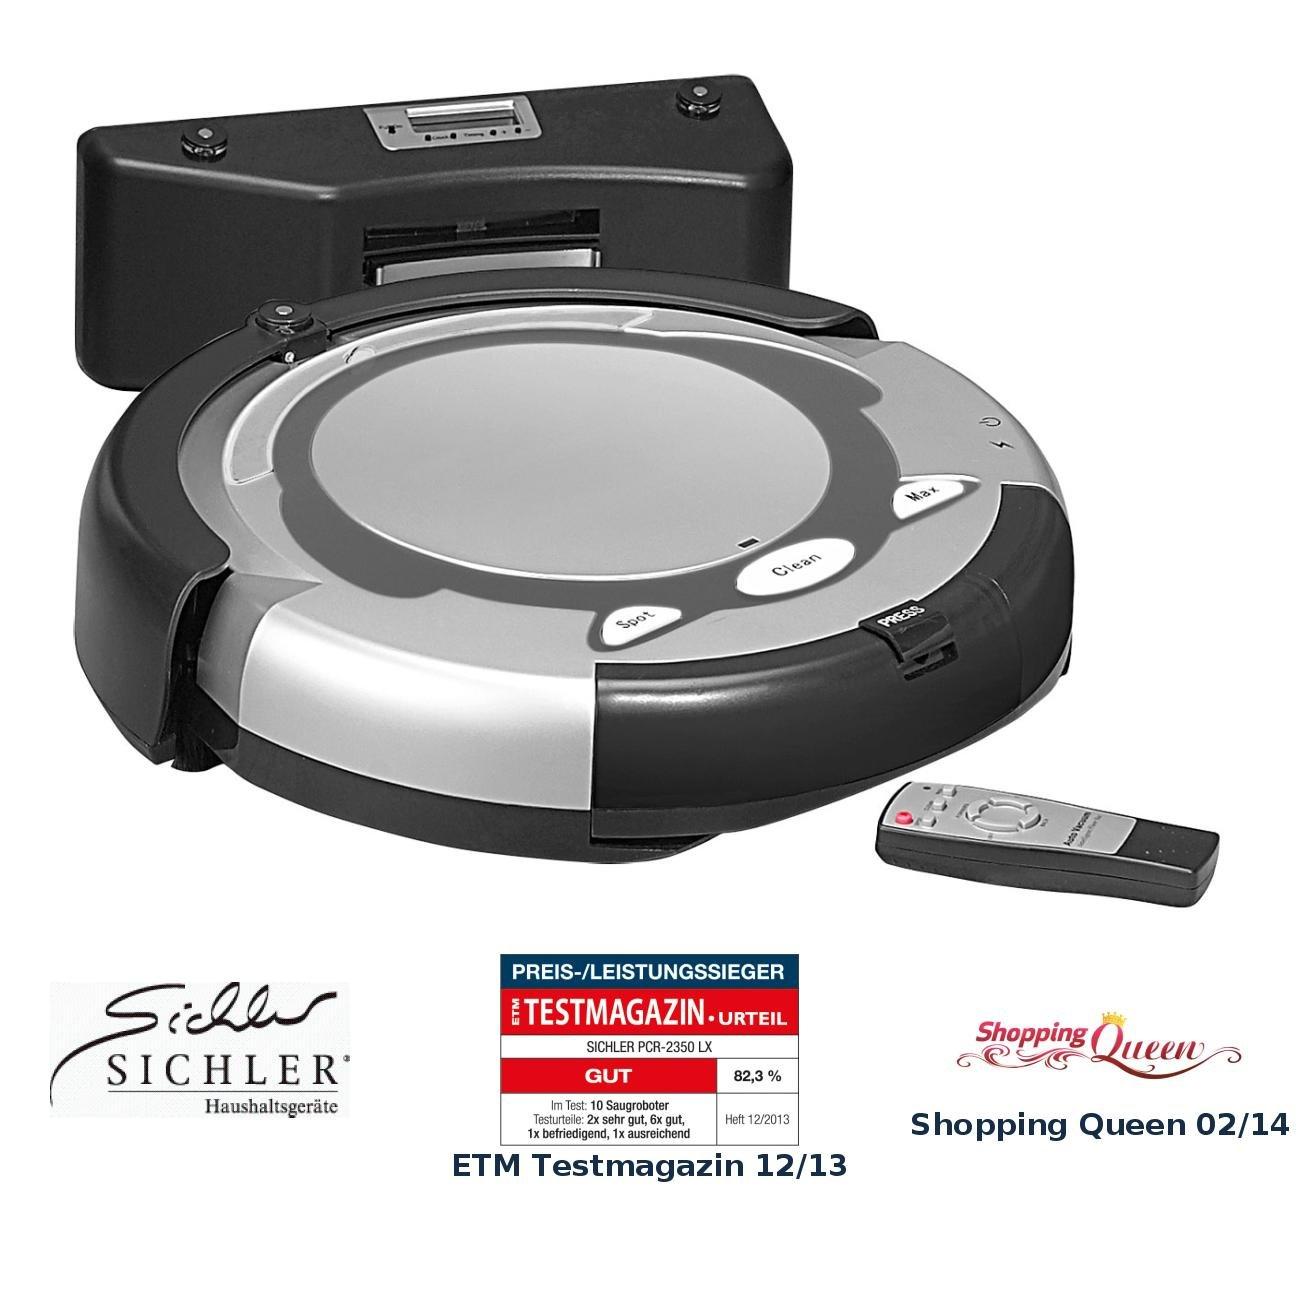 Amazon.de: Sichler Haushaltsgeräte Premium-Reinigungs- & Staubsauger ...